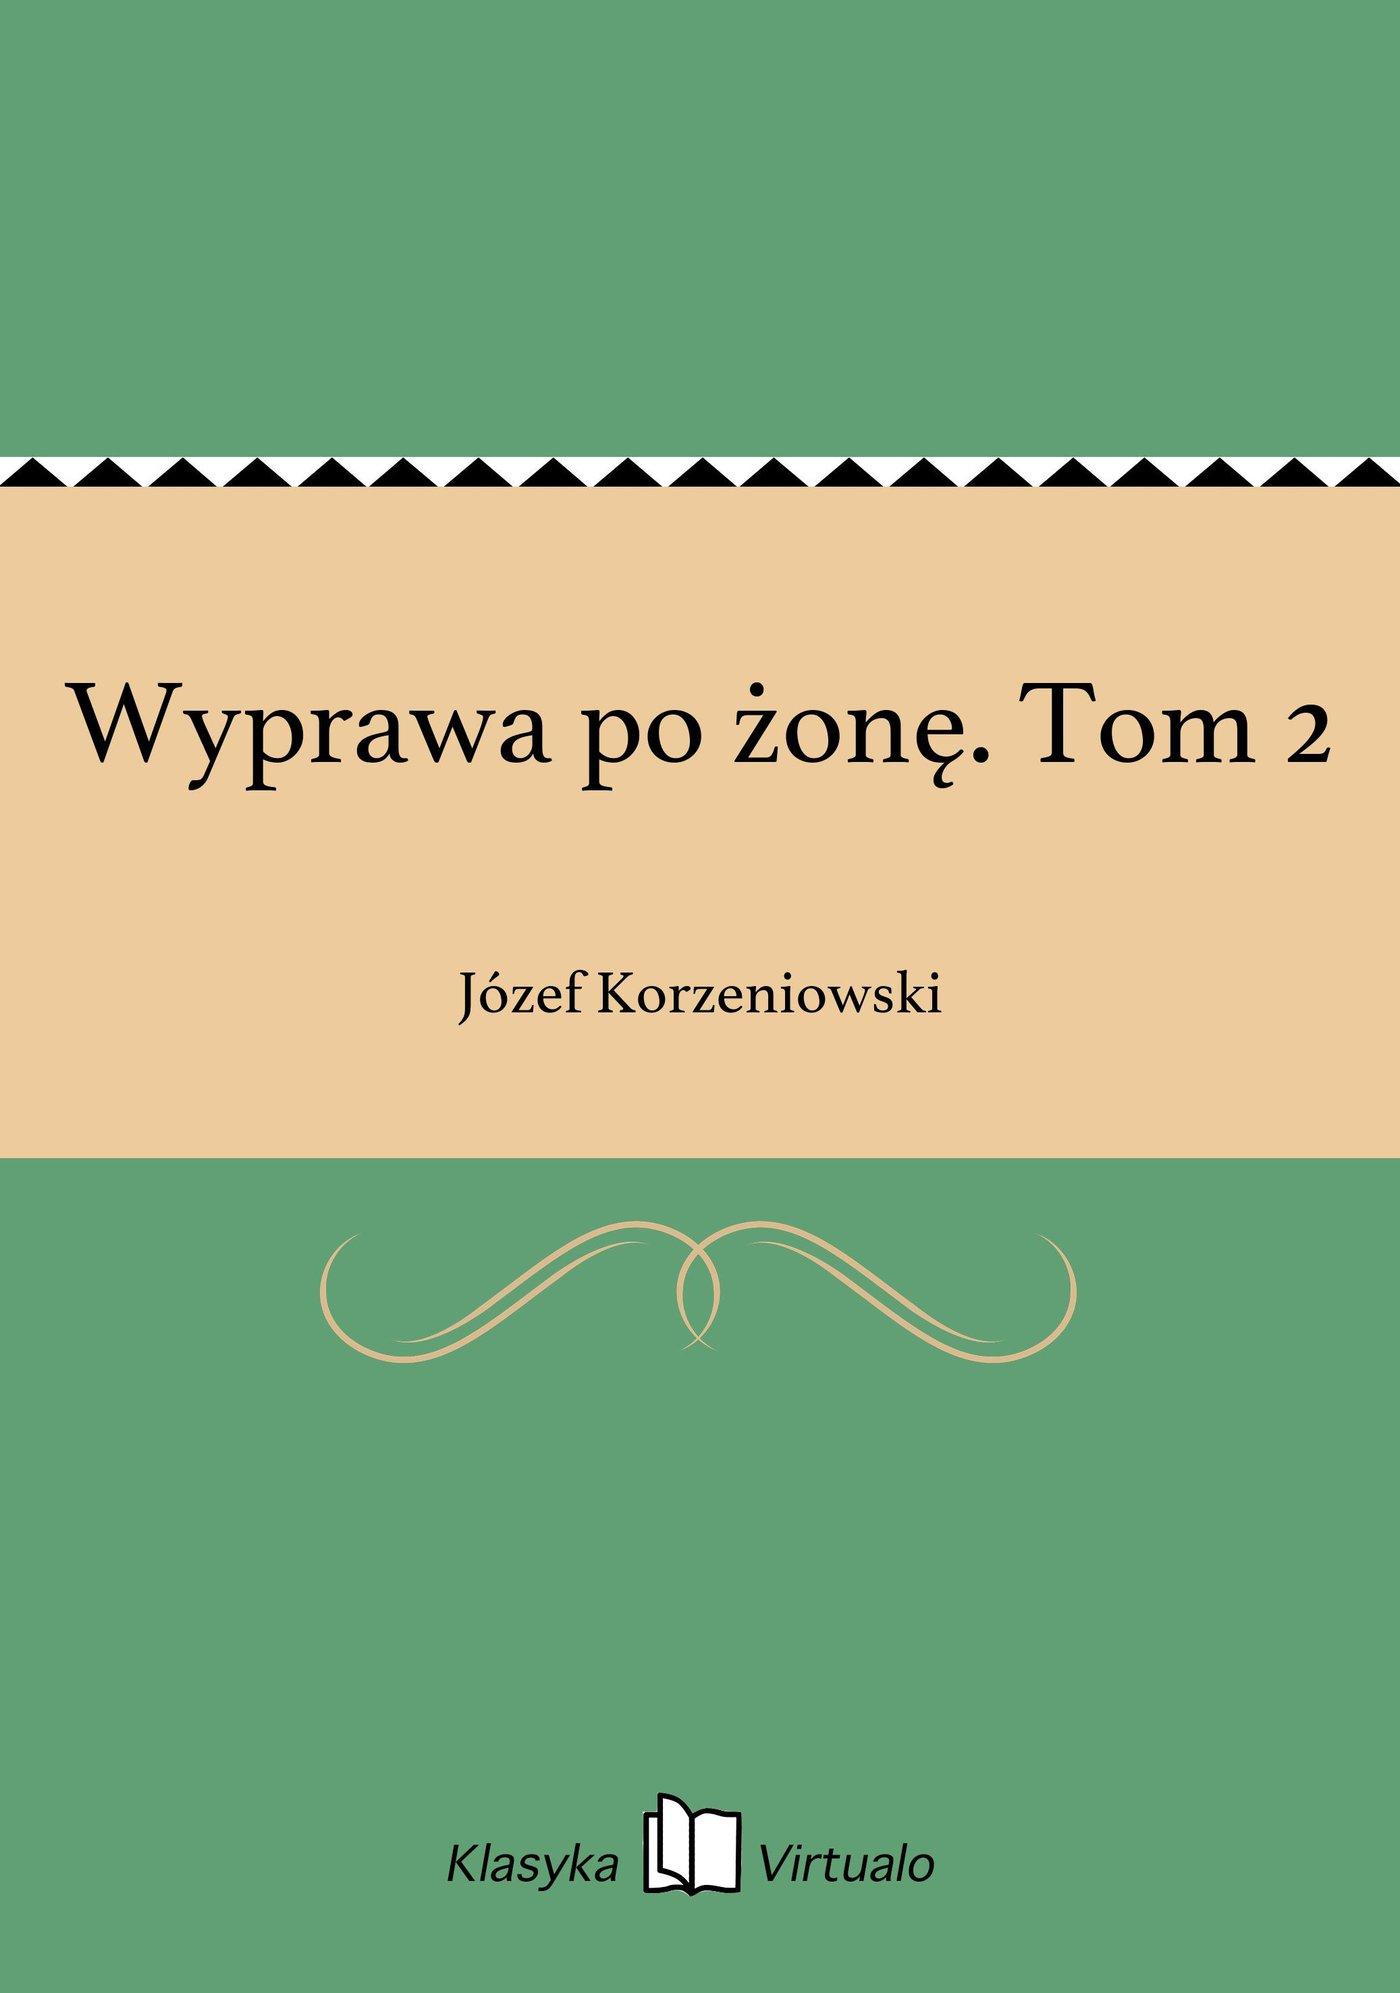 Wyprawa po żonę. Tom 2 - Ebook (Książka EPUB) do pobrania w formacie EPUB